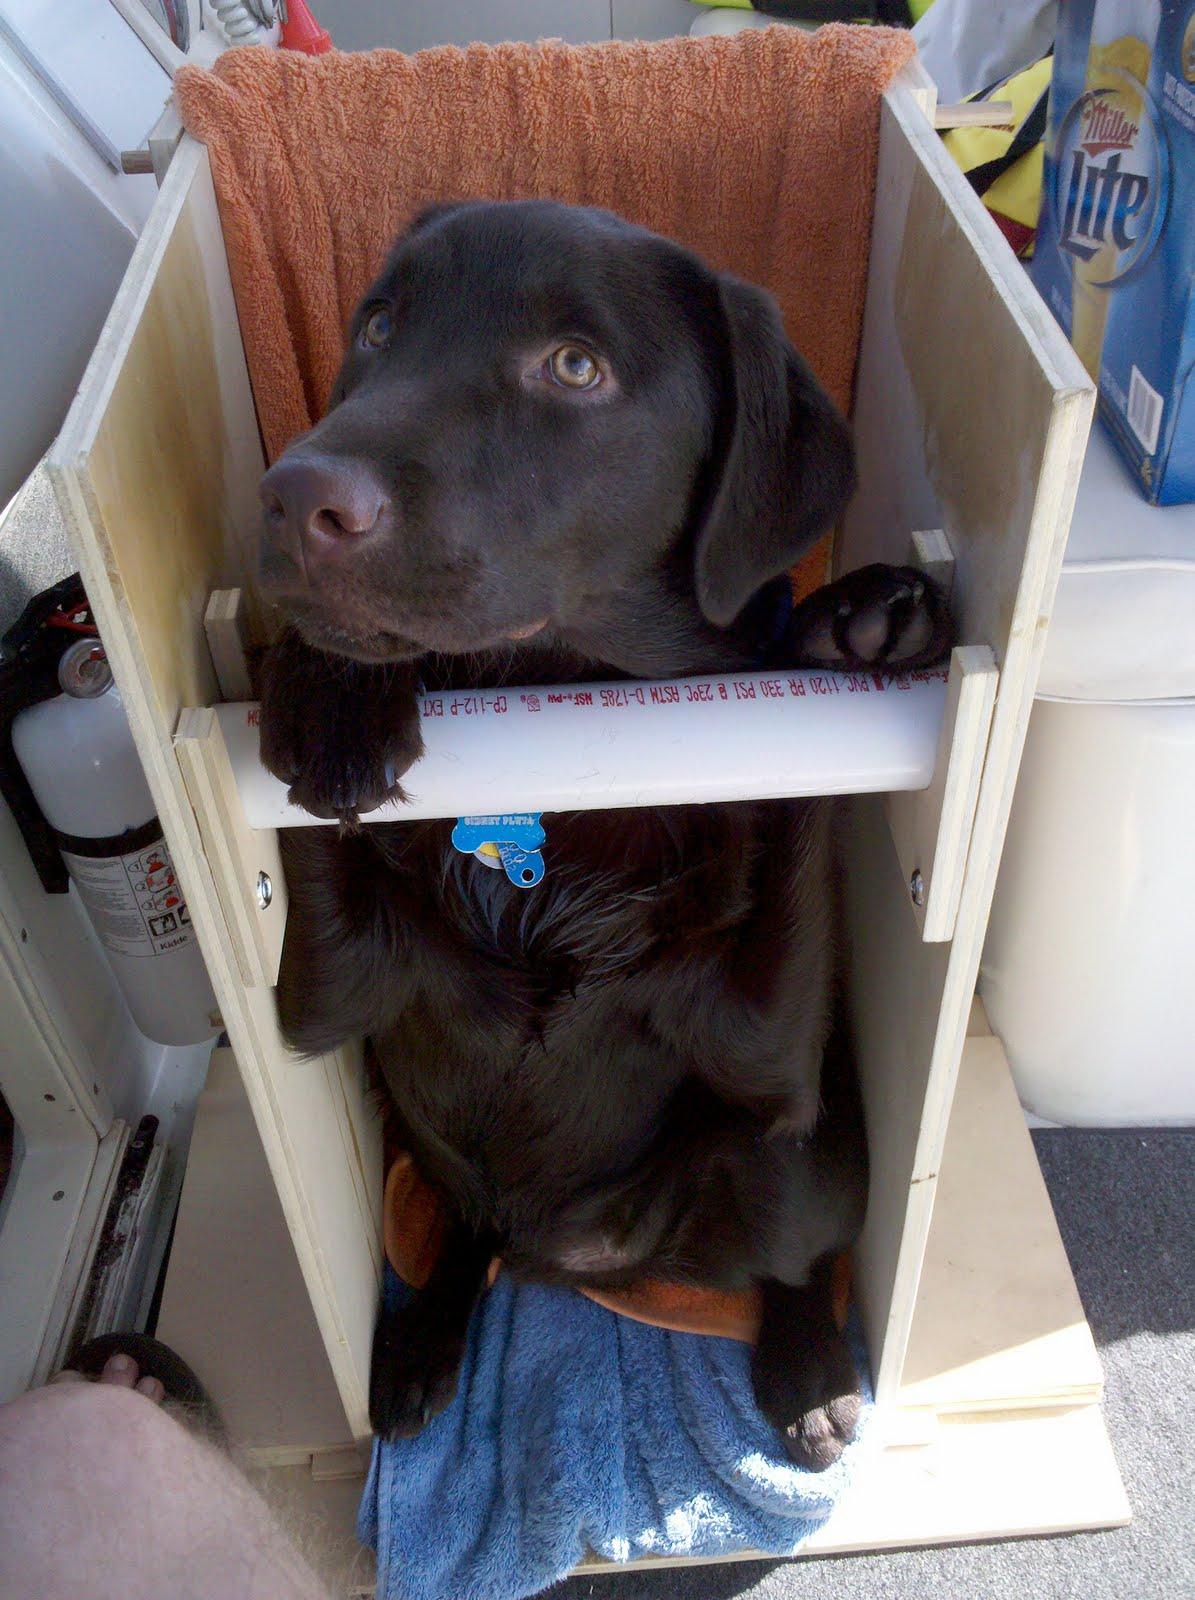 Portable Bailey Chair & Canine Megaesophagus: Portable Bailey Chair